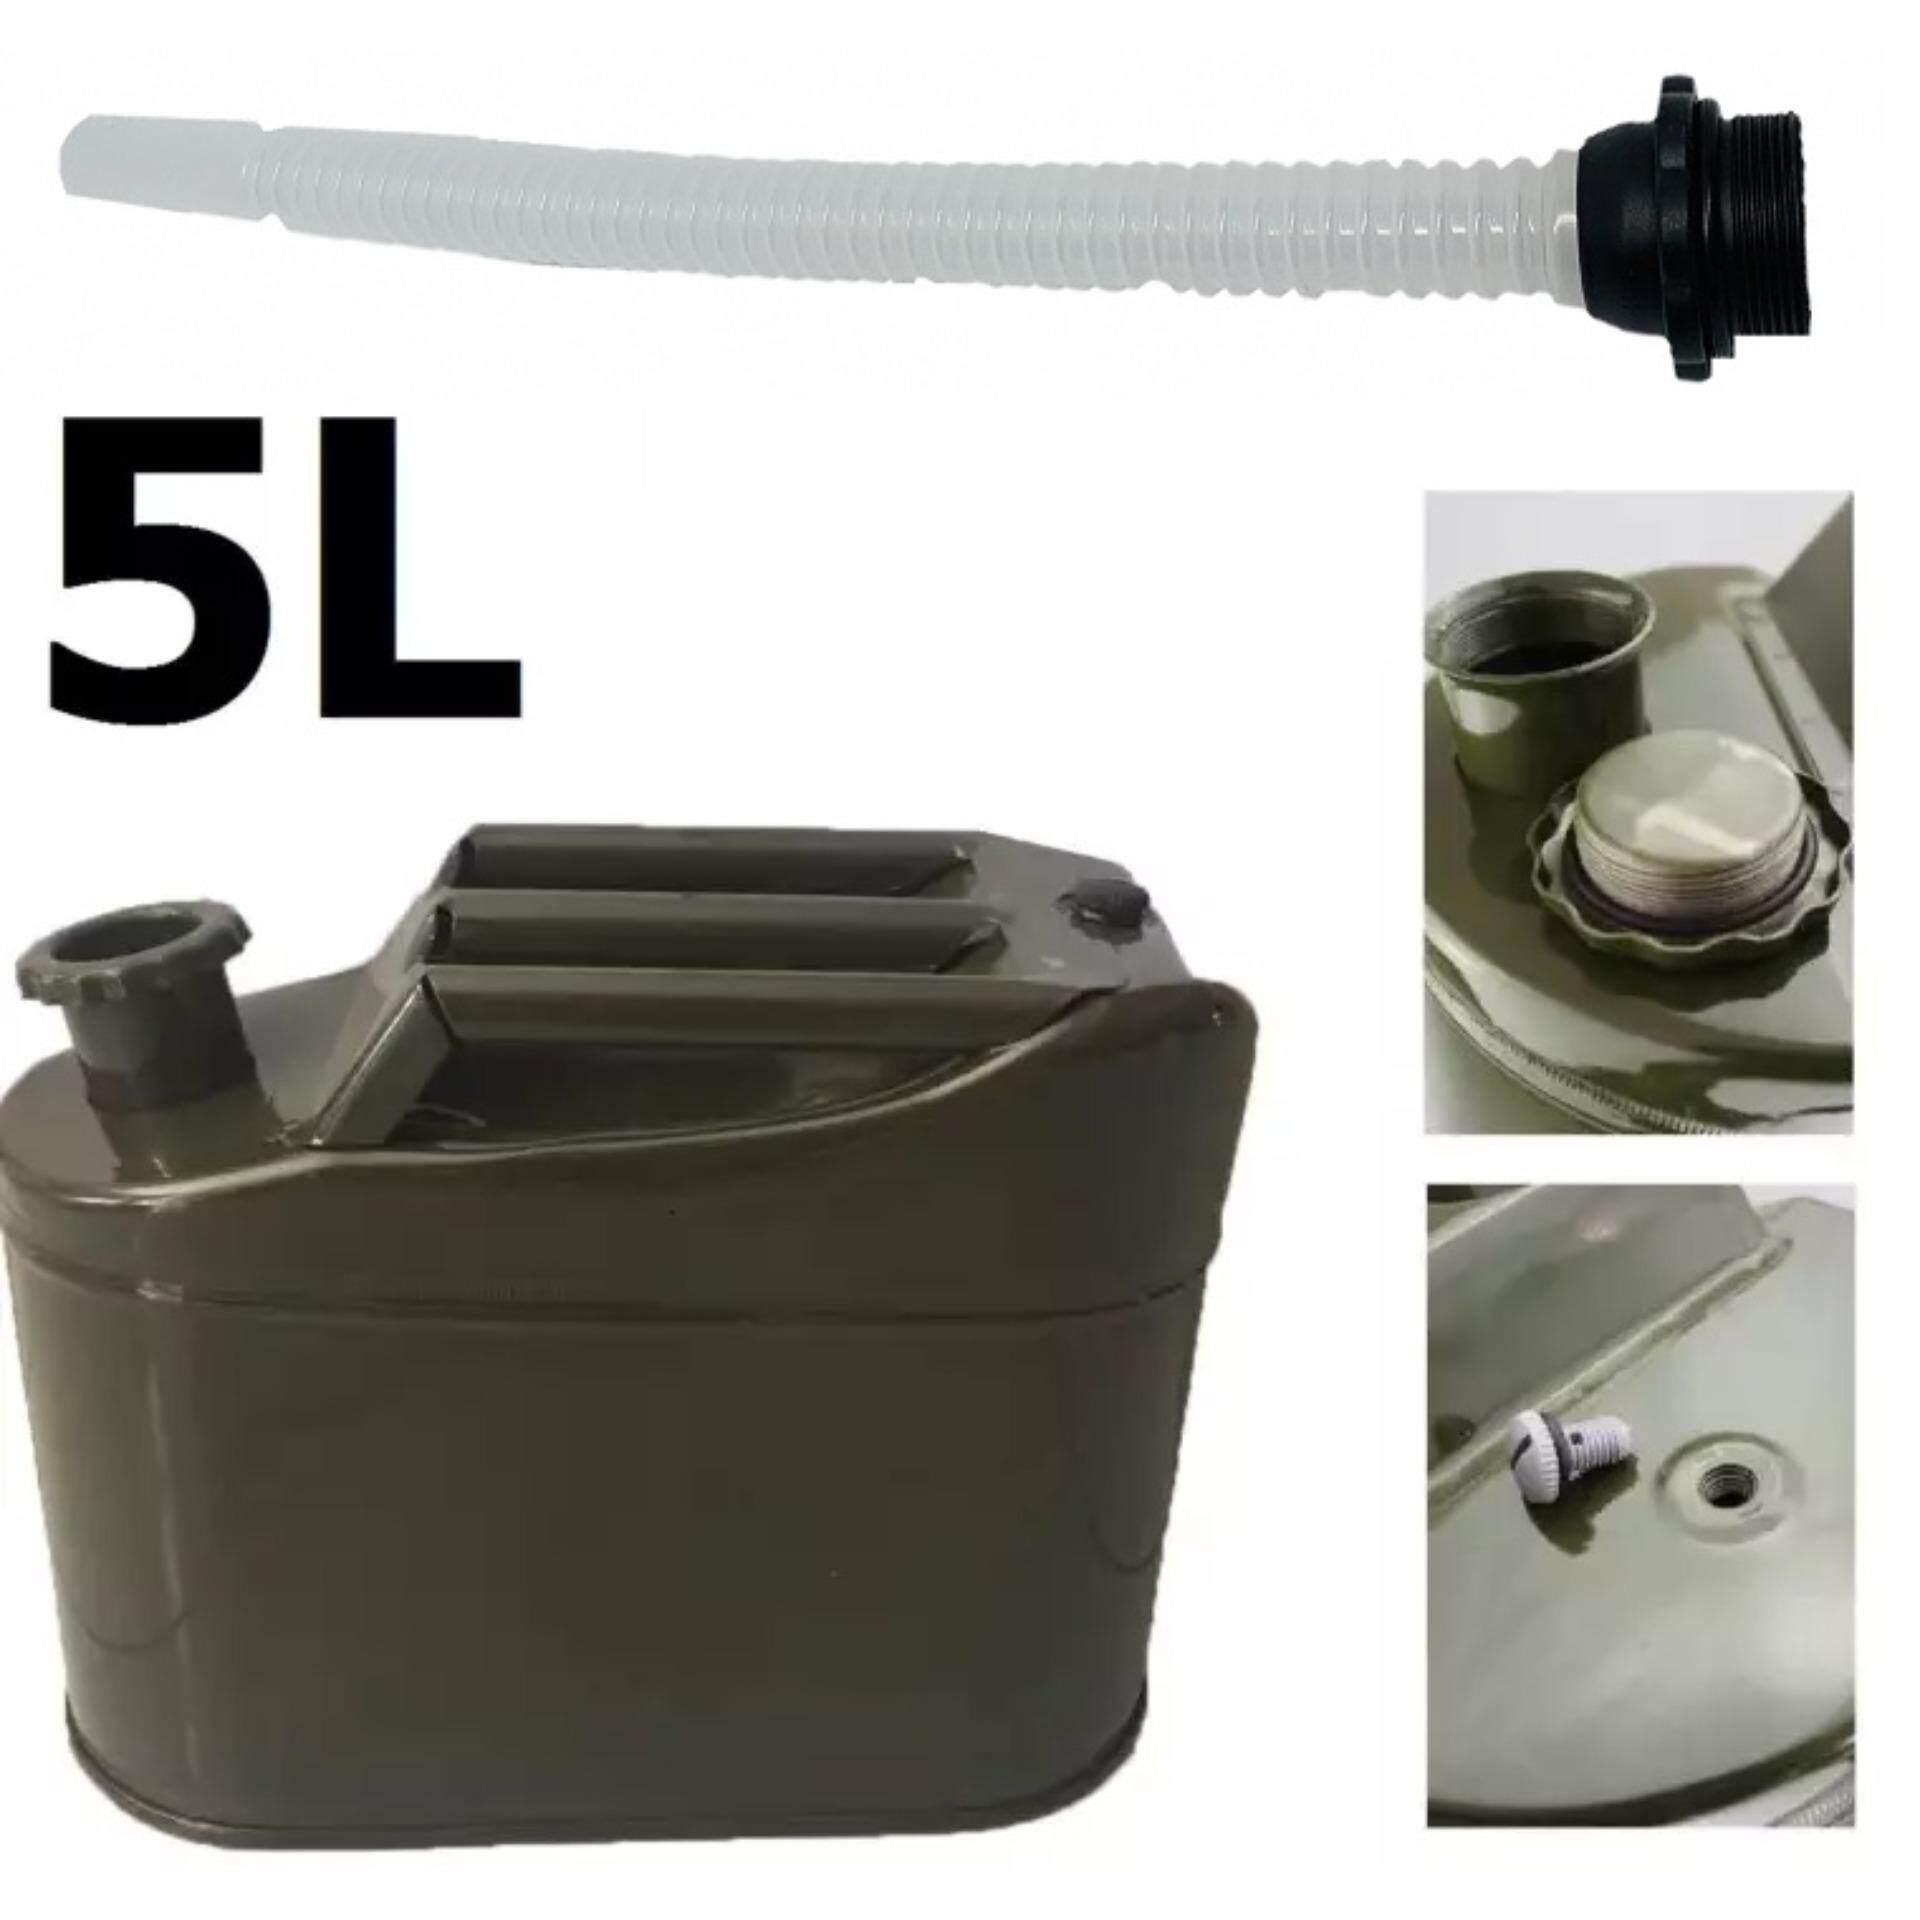 ถังแกลลอนเหล็กเก็บน้ำมันสำรอง ถังน้ำมัน 5 Litre Fuel Tank พร้อมท่อเติม